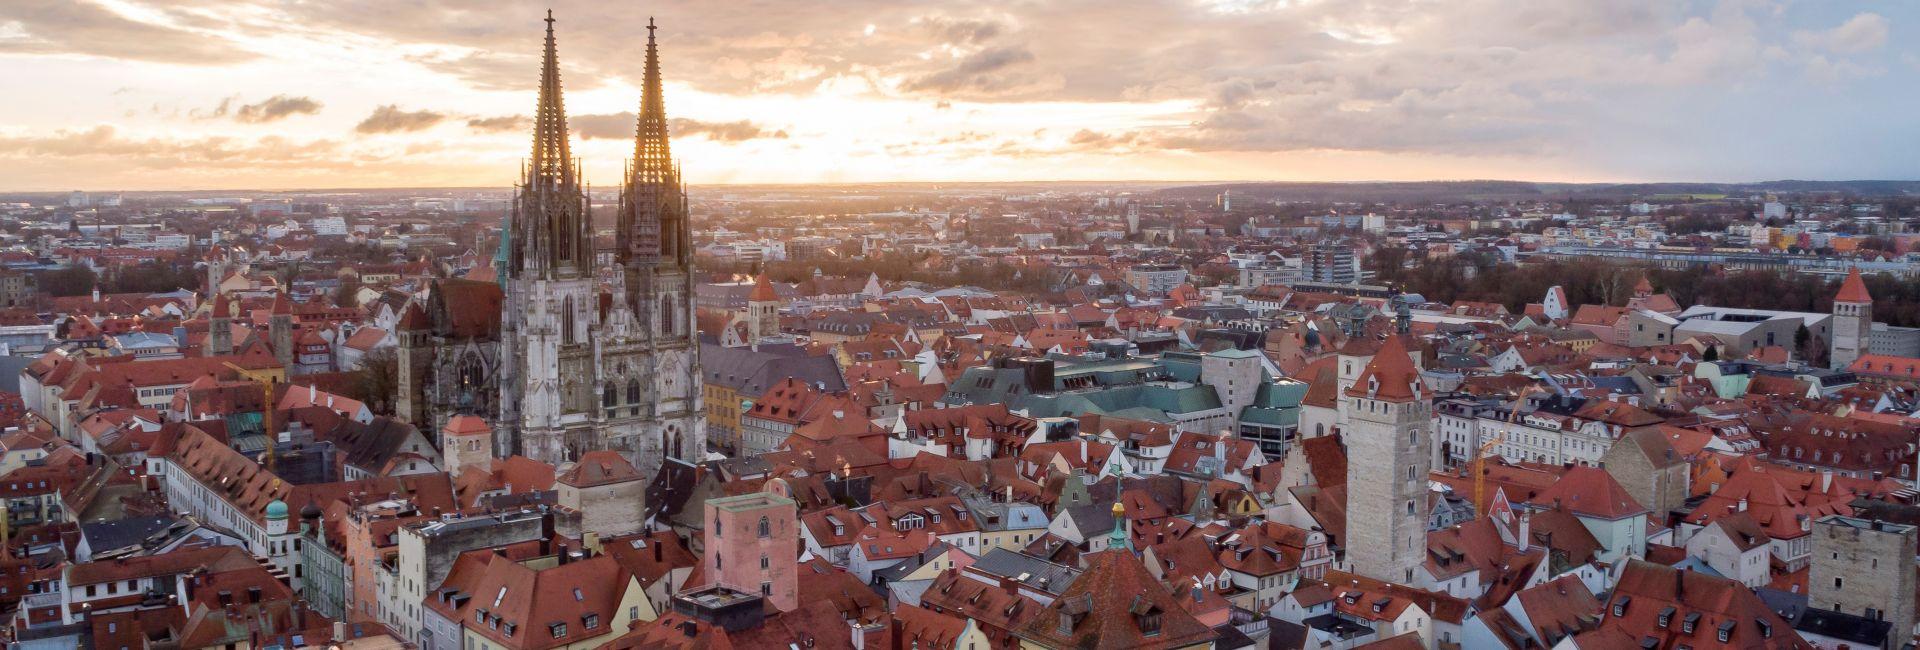 Luftaufnahme der Regensburger Altstadt; Bildquelle: Stadt Regensburg